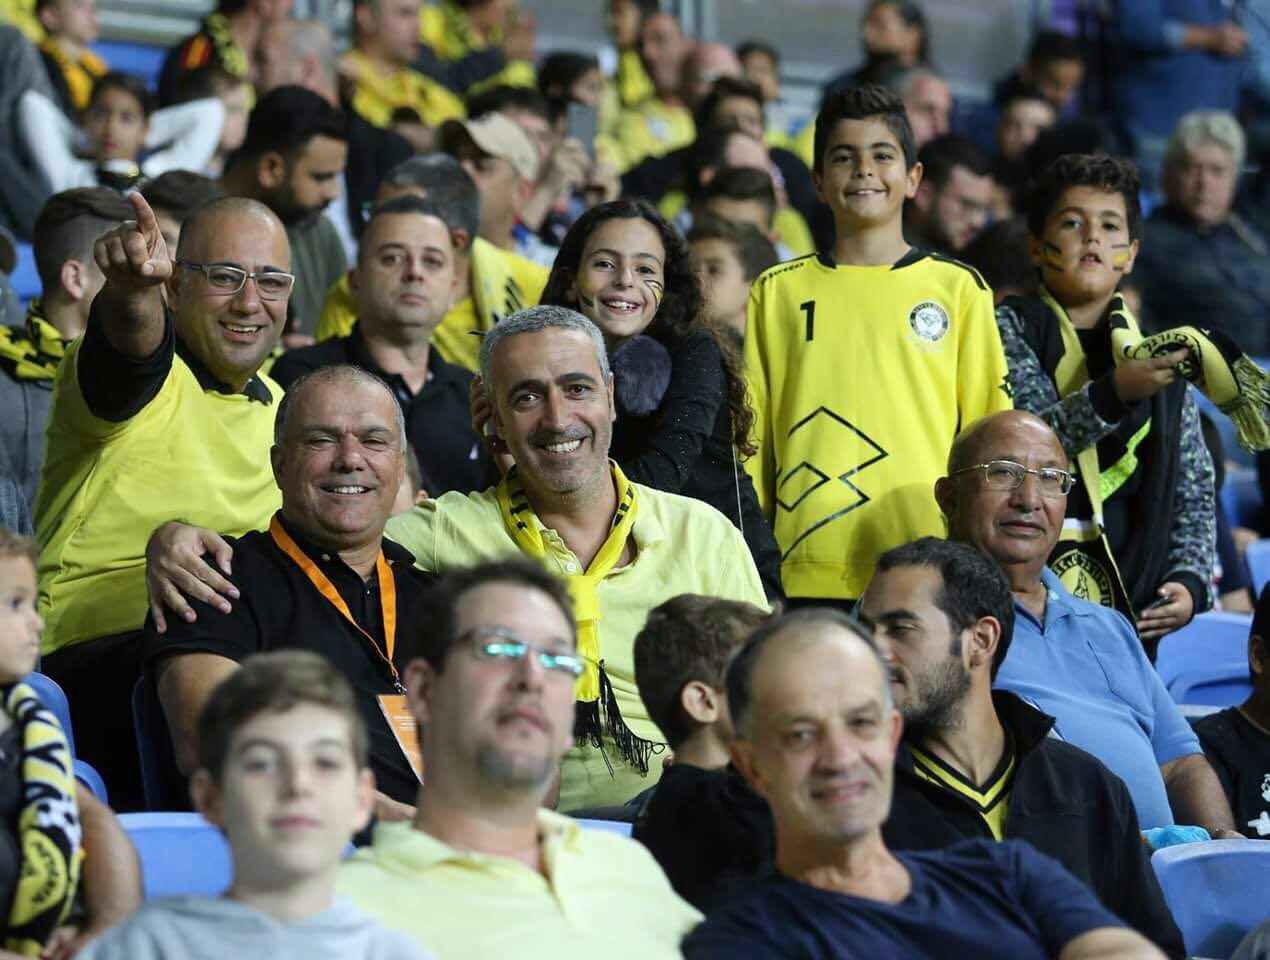 חגיגה צהובה... דדה דהן עם בנו ונכדו במשחק הניצחון של נתניה על המוליכה